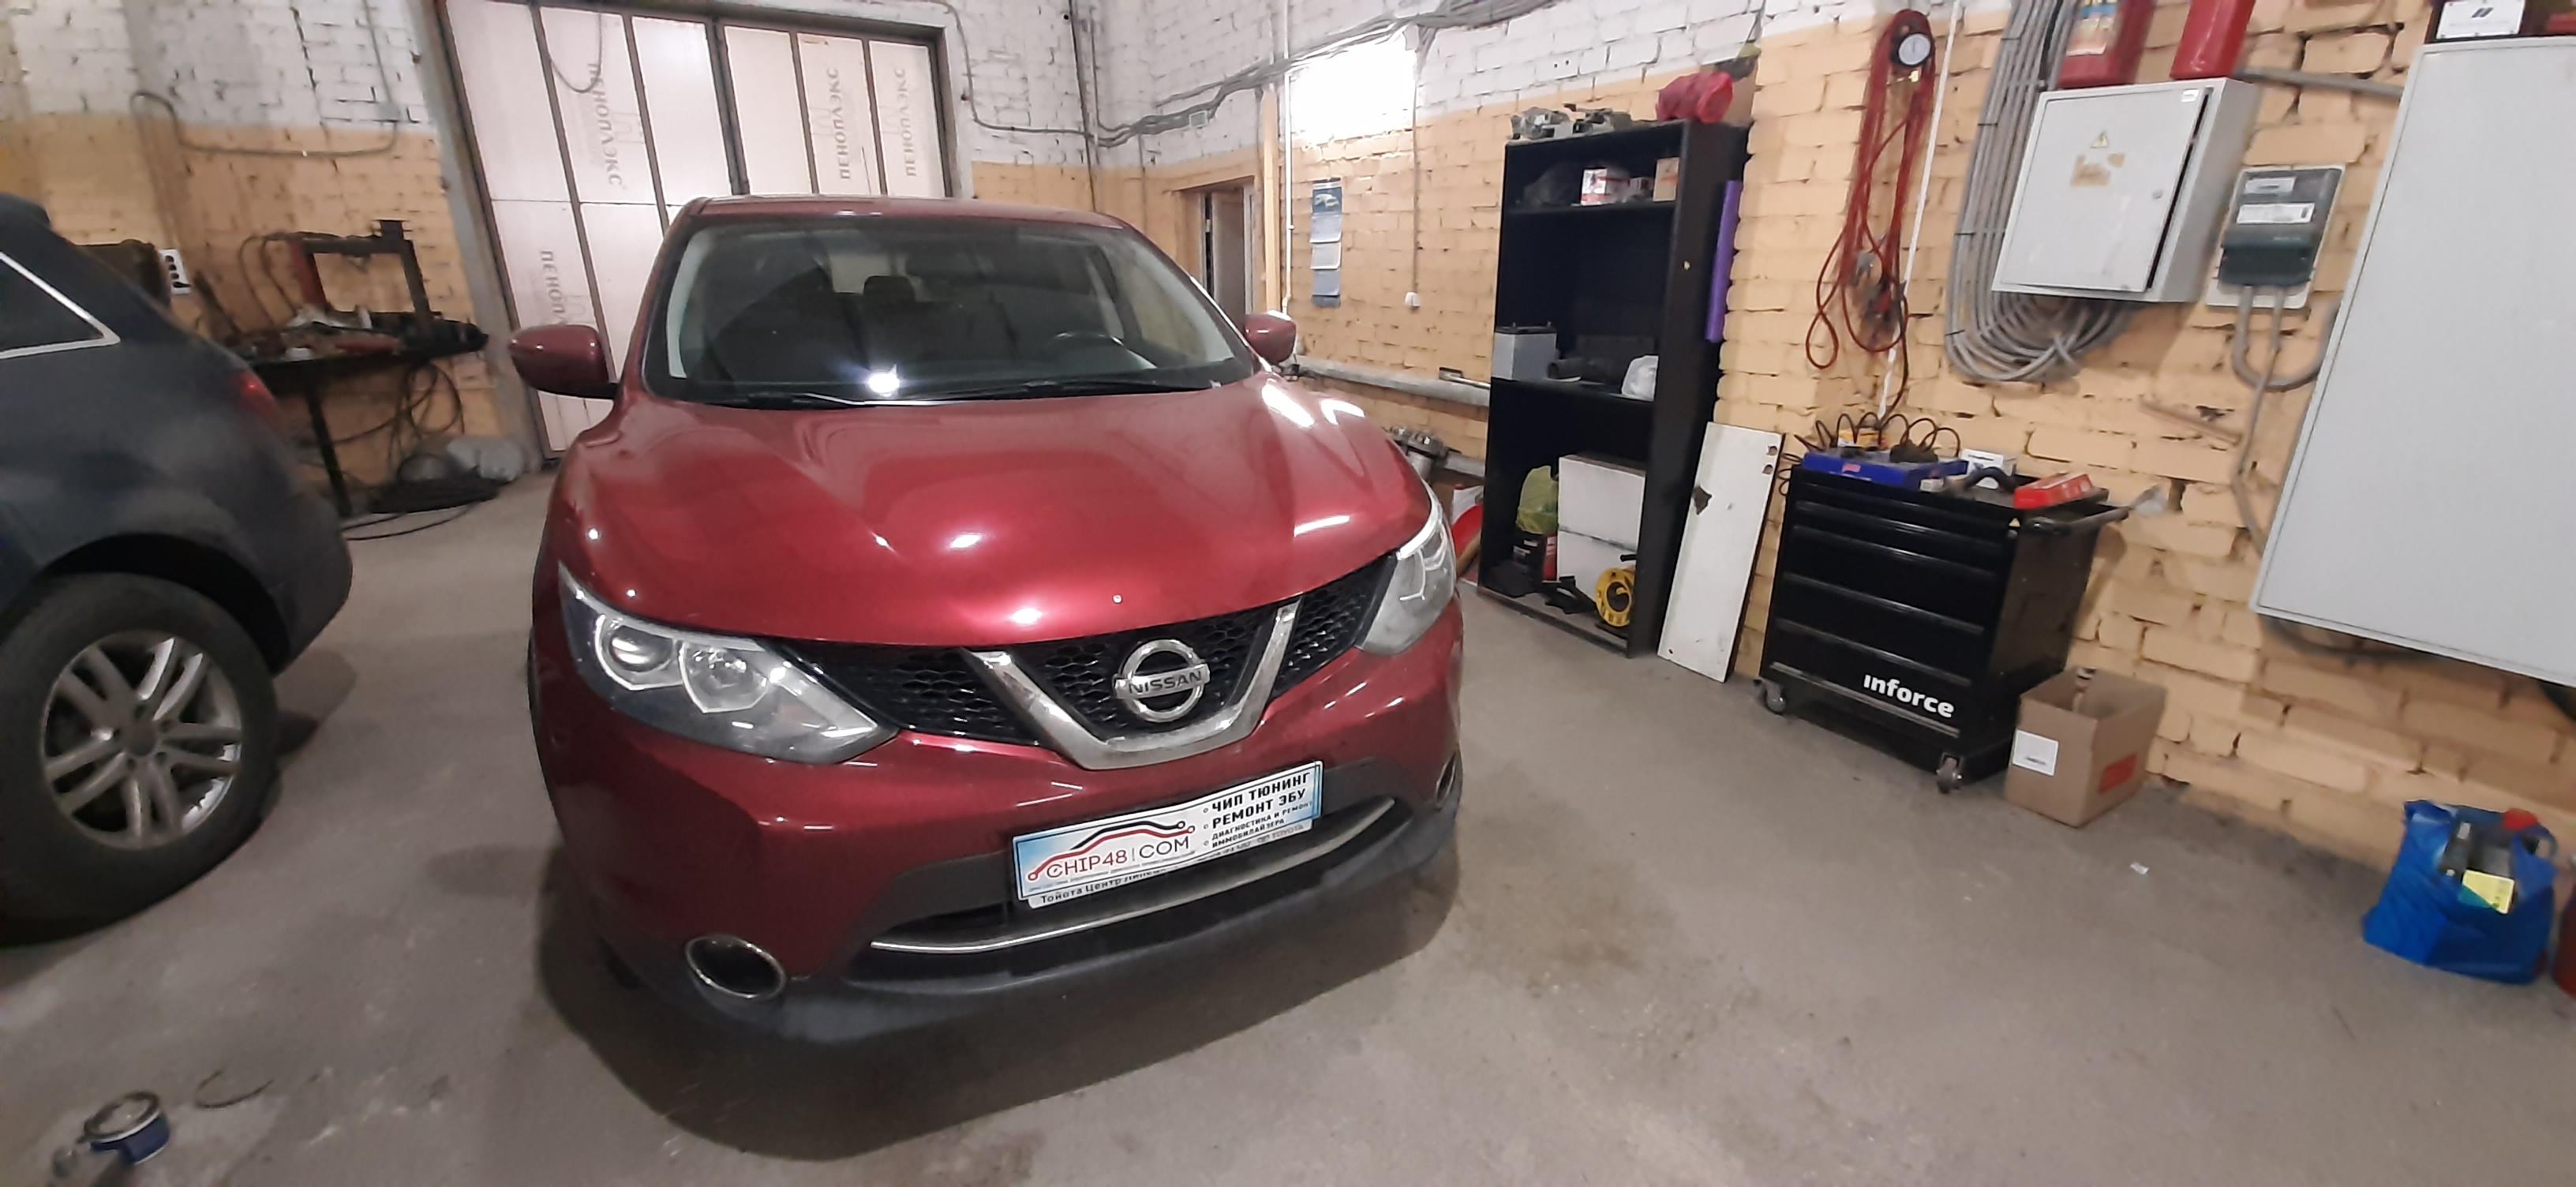 Обновили прошивку Вариатора JF016E на Nissan Qashqai J11 в Липецке!